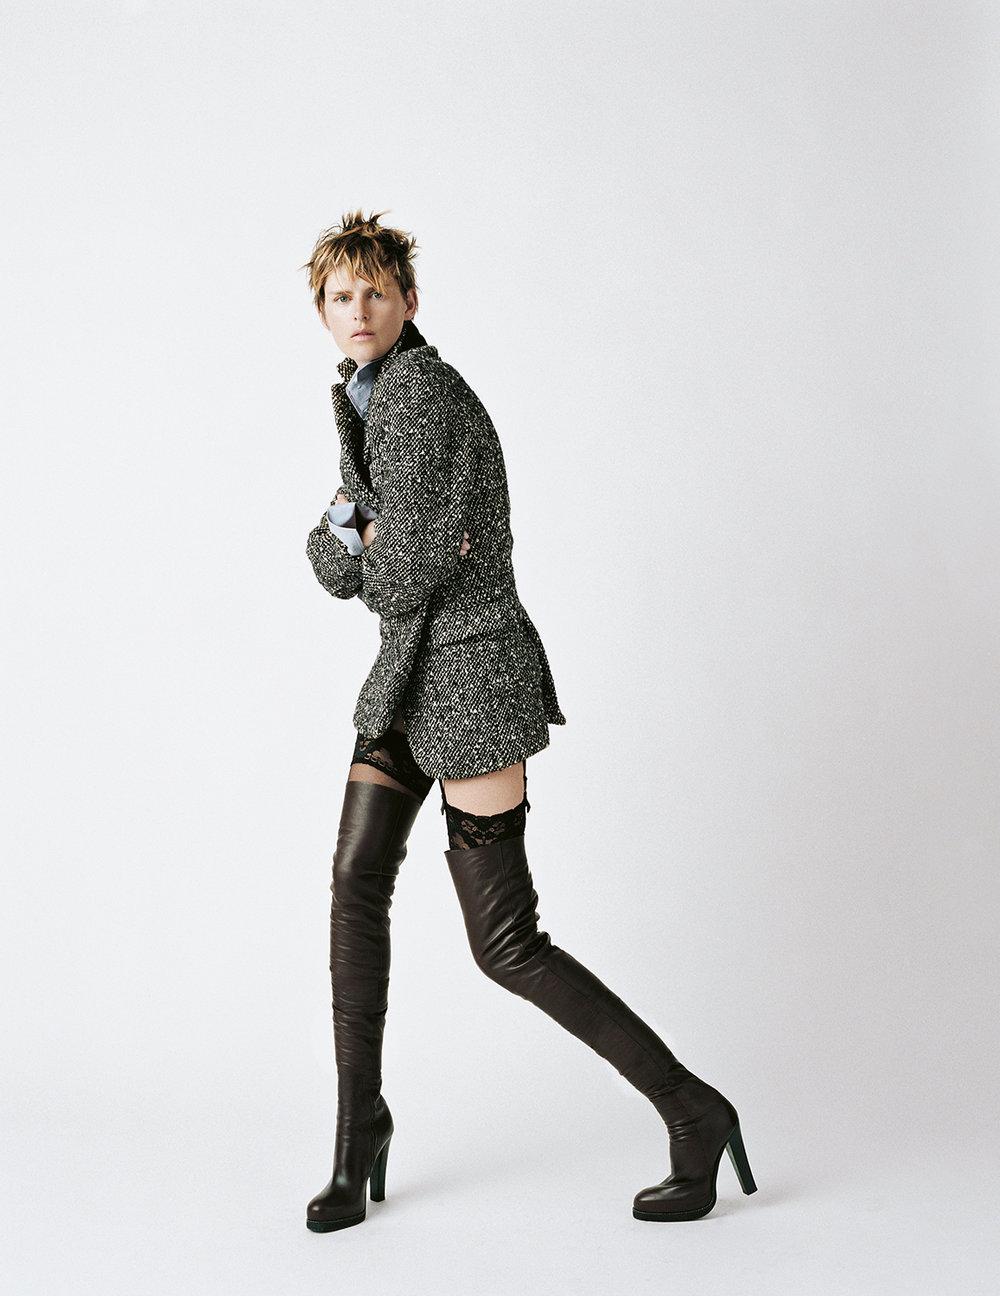 Vogue-06_fin-1.jpg